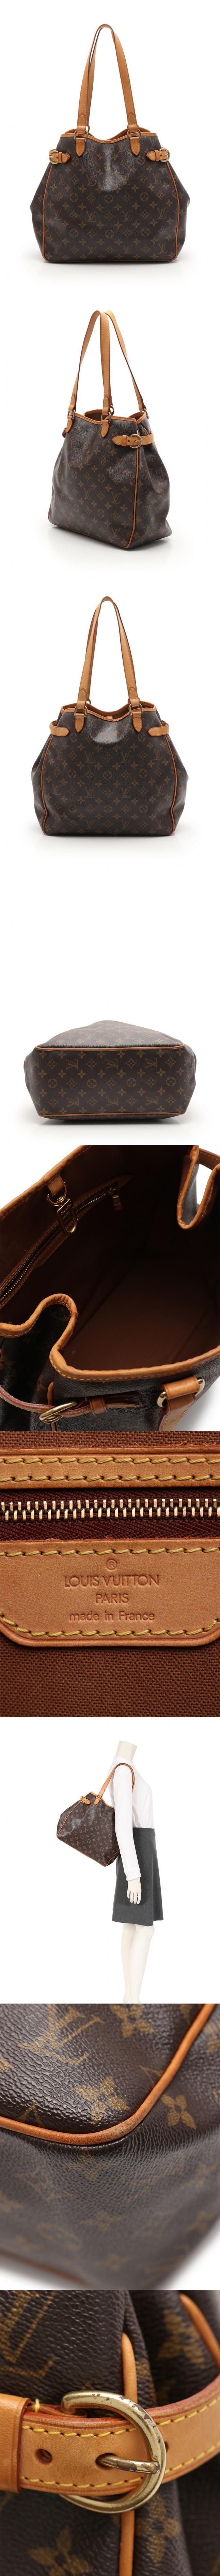 トートバッグ バティニョール ヴェルティカル モノグラム 茶 M51153 PVC レザー